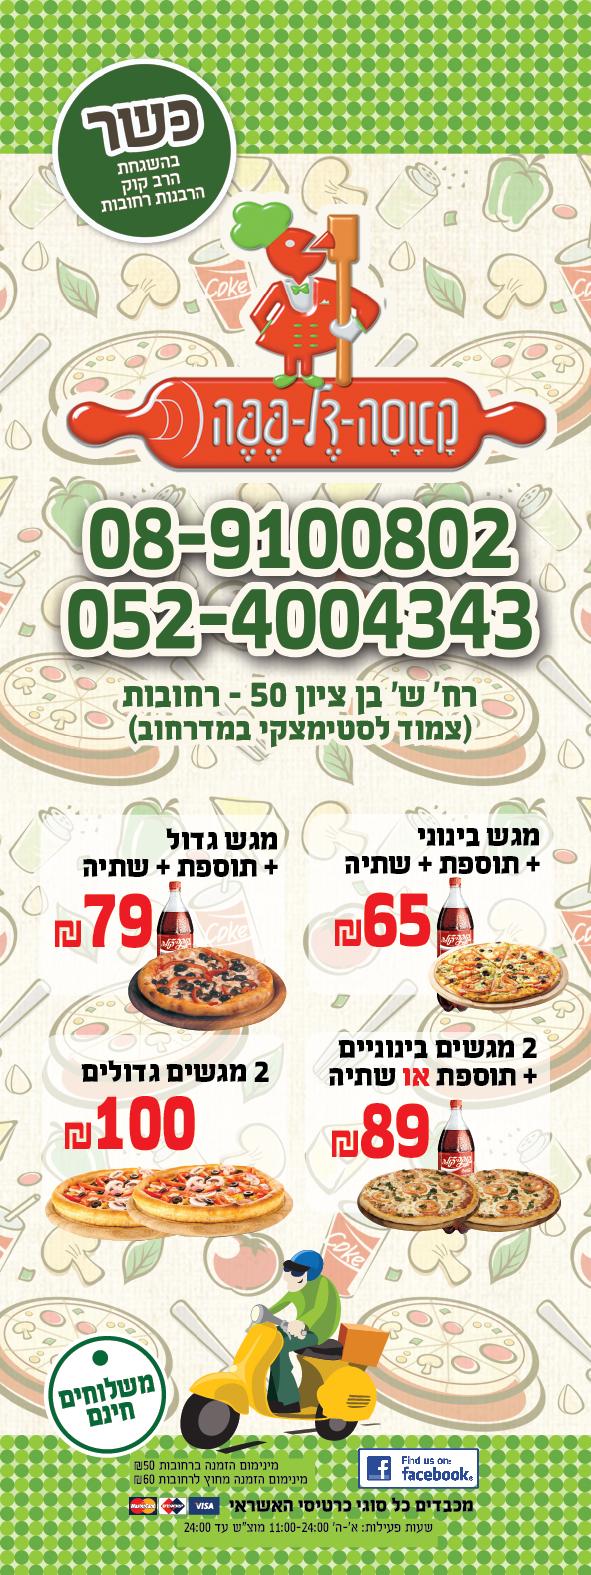 עמוד ראשון של תפריט המשלוחים וטייק אווי של פיצה קאסה דל פפה רחובות